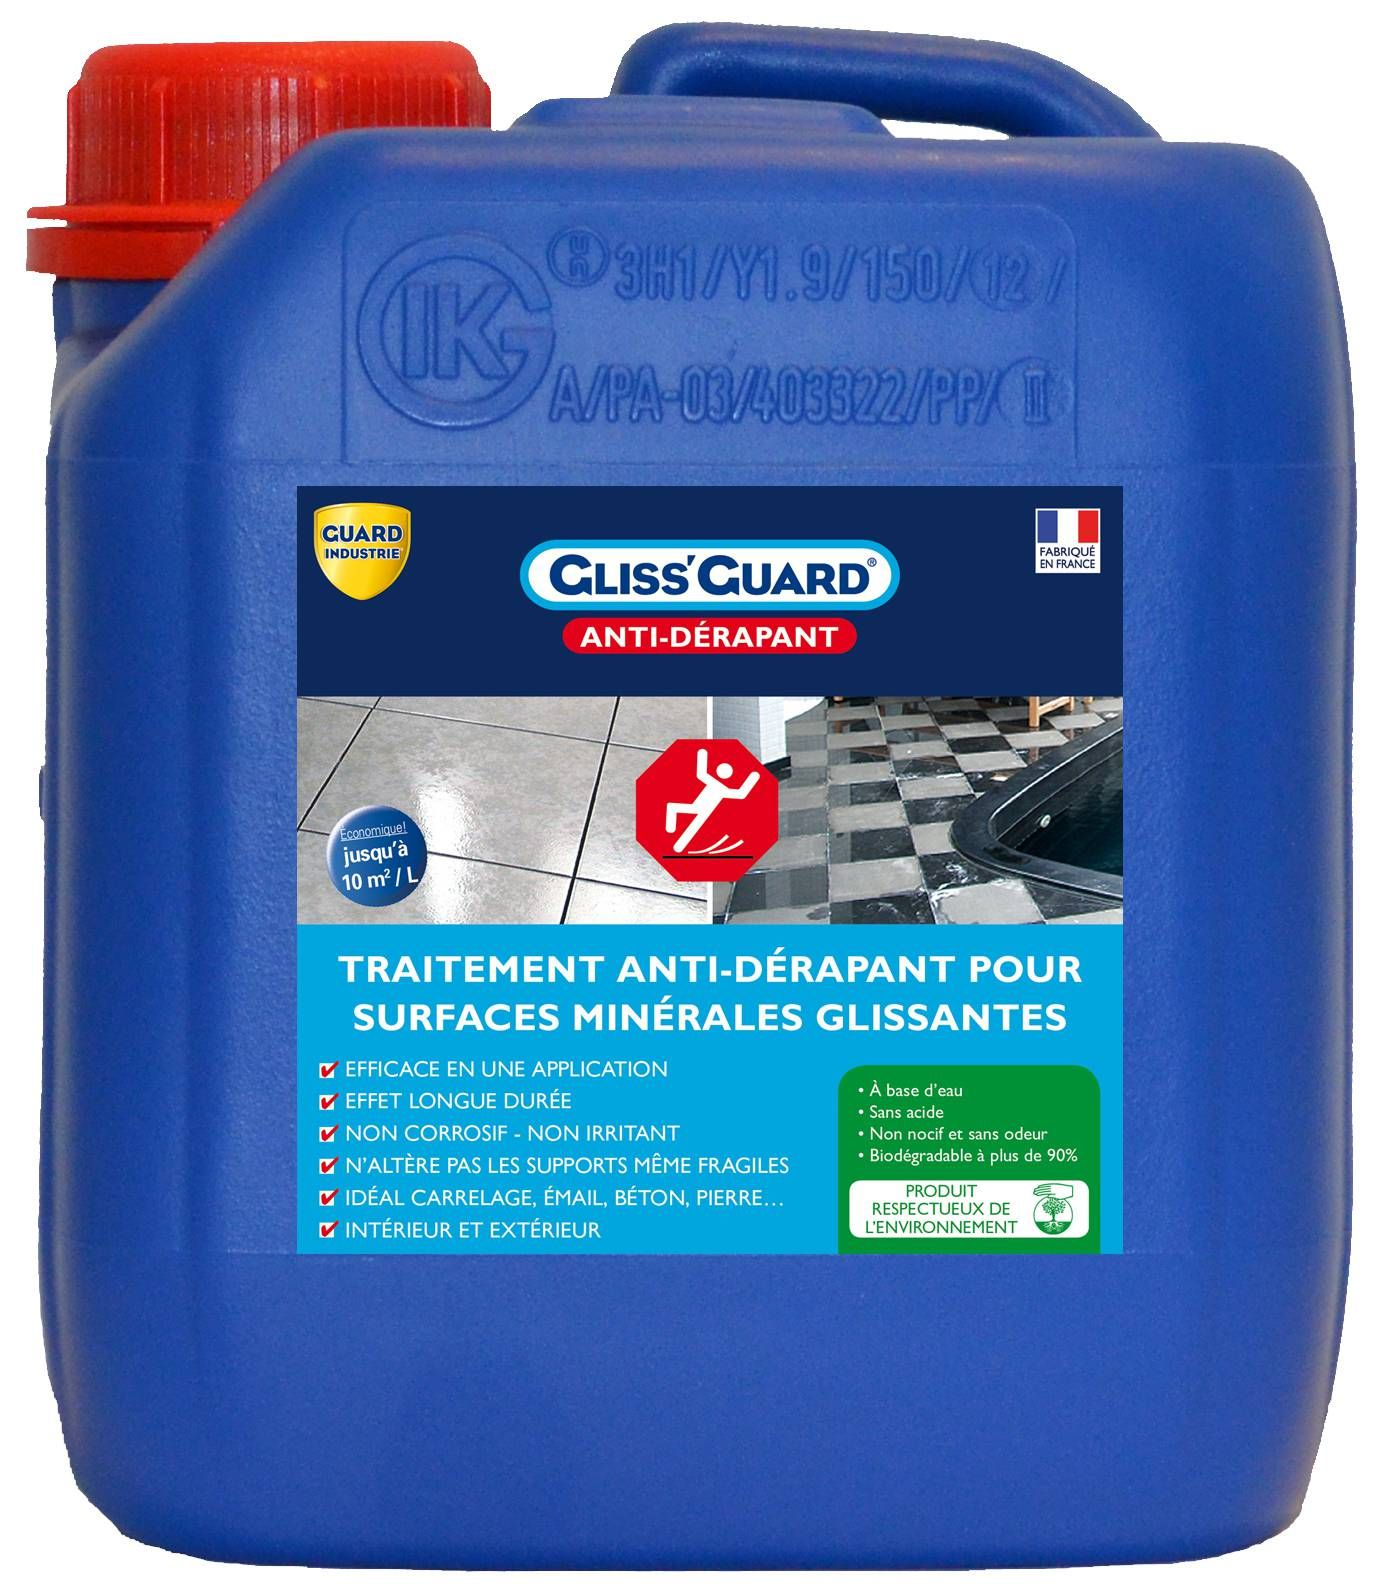 Gliss Guard Anti Derapant Guard Industrie Antiderapant Basse Pression Dalle Ceramique